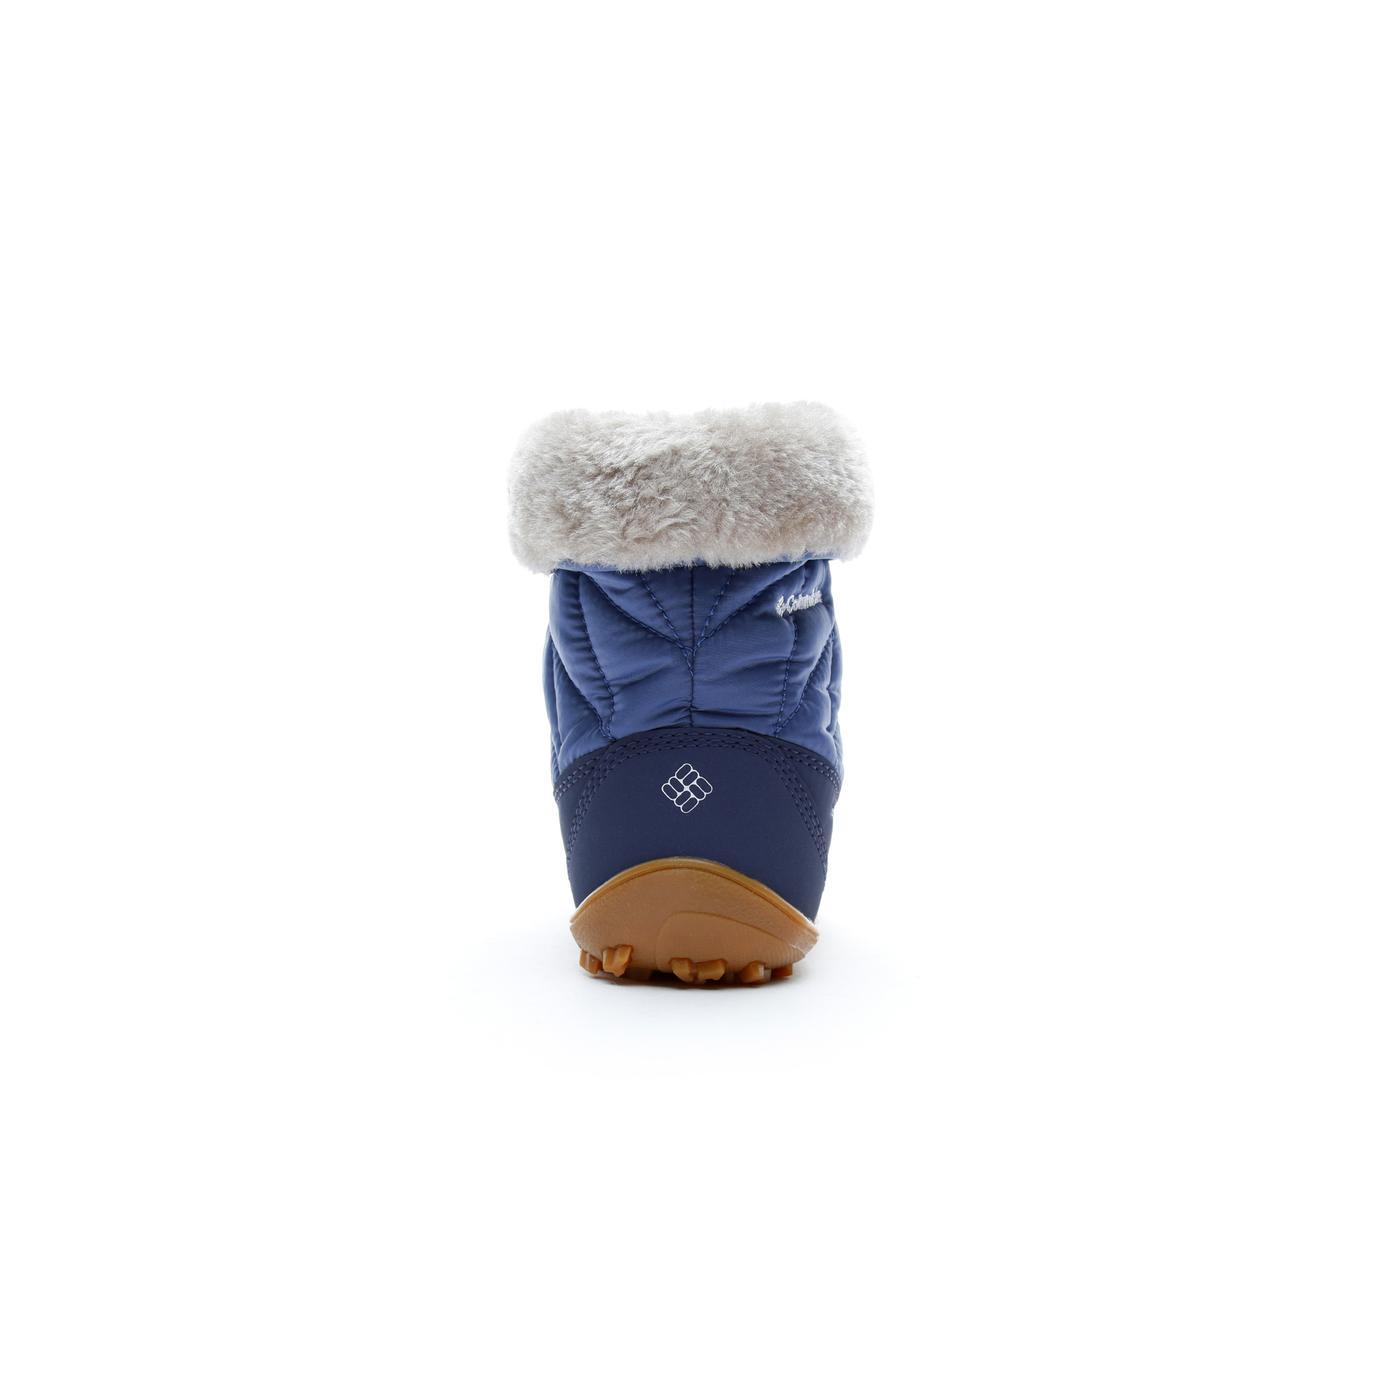 Columbia Youth Minx Shorty Omni-Heat Waterproof Mor Çocuk Bot